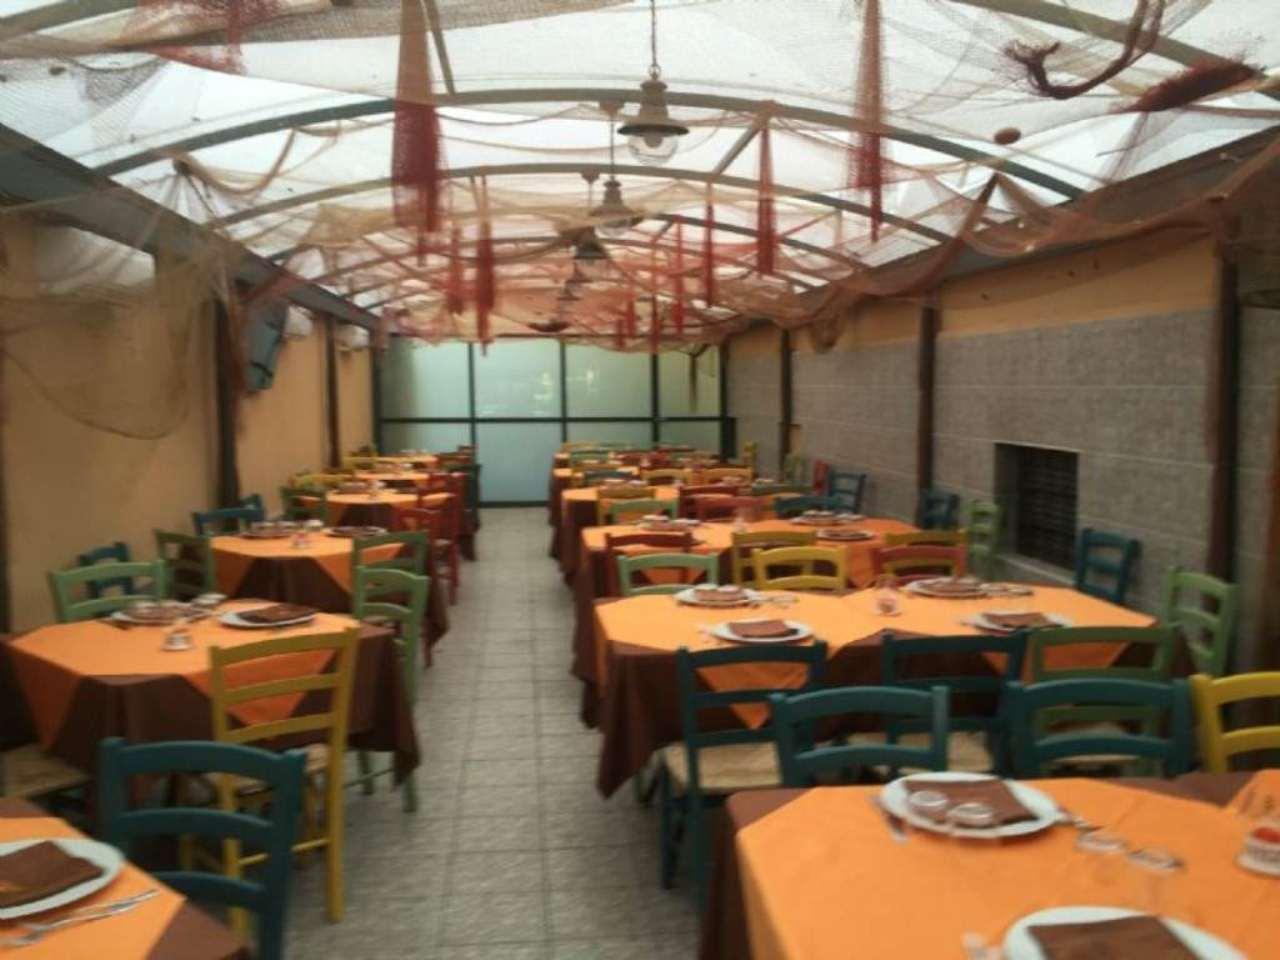 Negozio / Locale in affitto a Napoli, 4 locali, zona Zona: 1 . Chiaia, Posillipo, San Ferdinando, prezzo € 5.000 | Cambio Casa.it